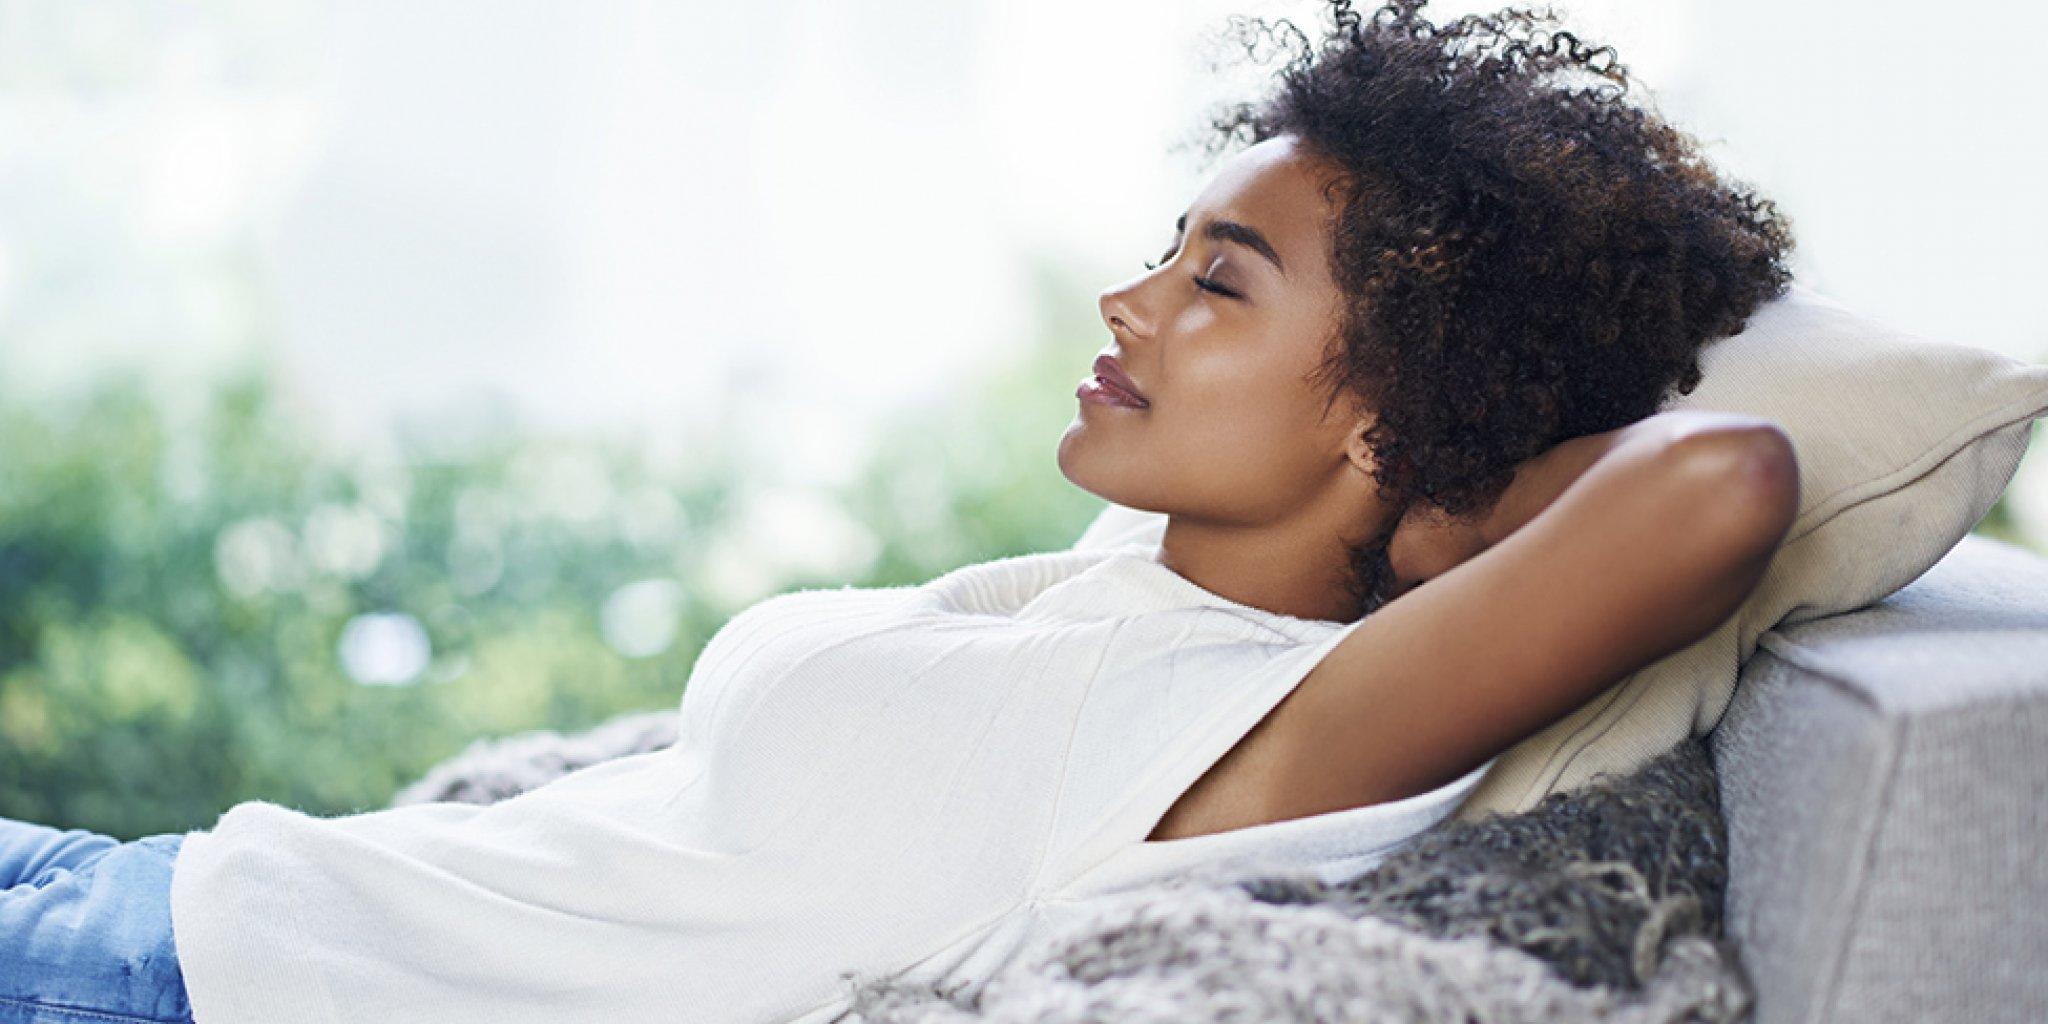 20 Ways to Relax & Unwind